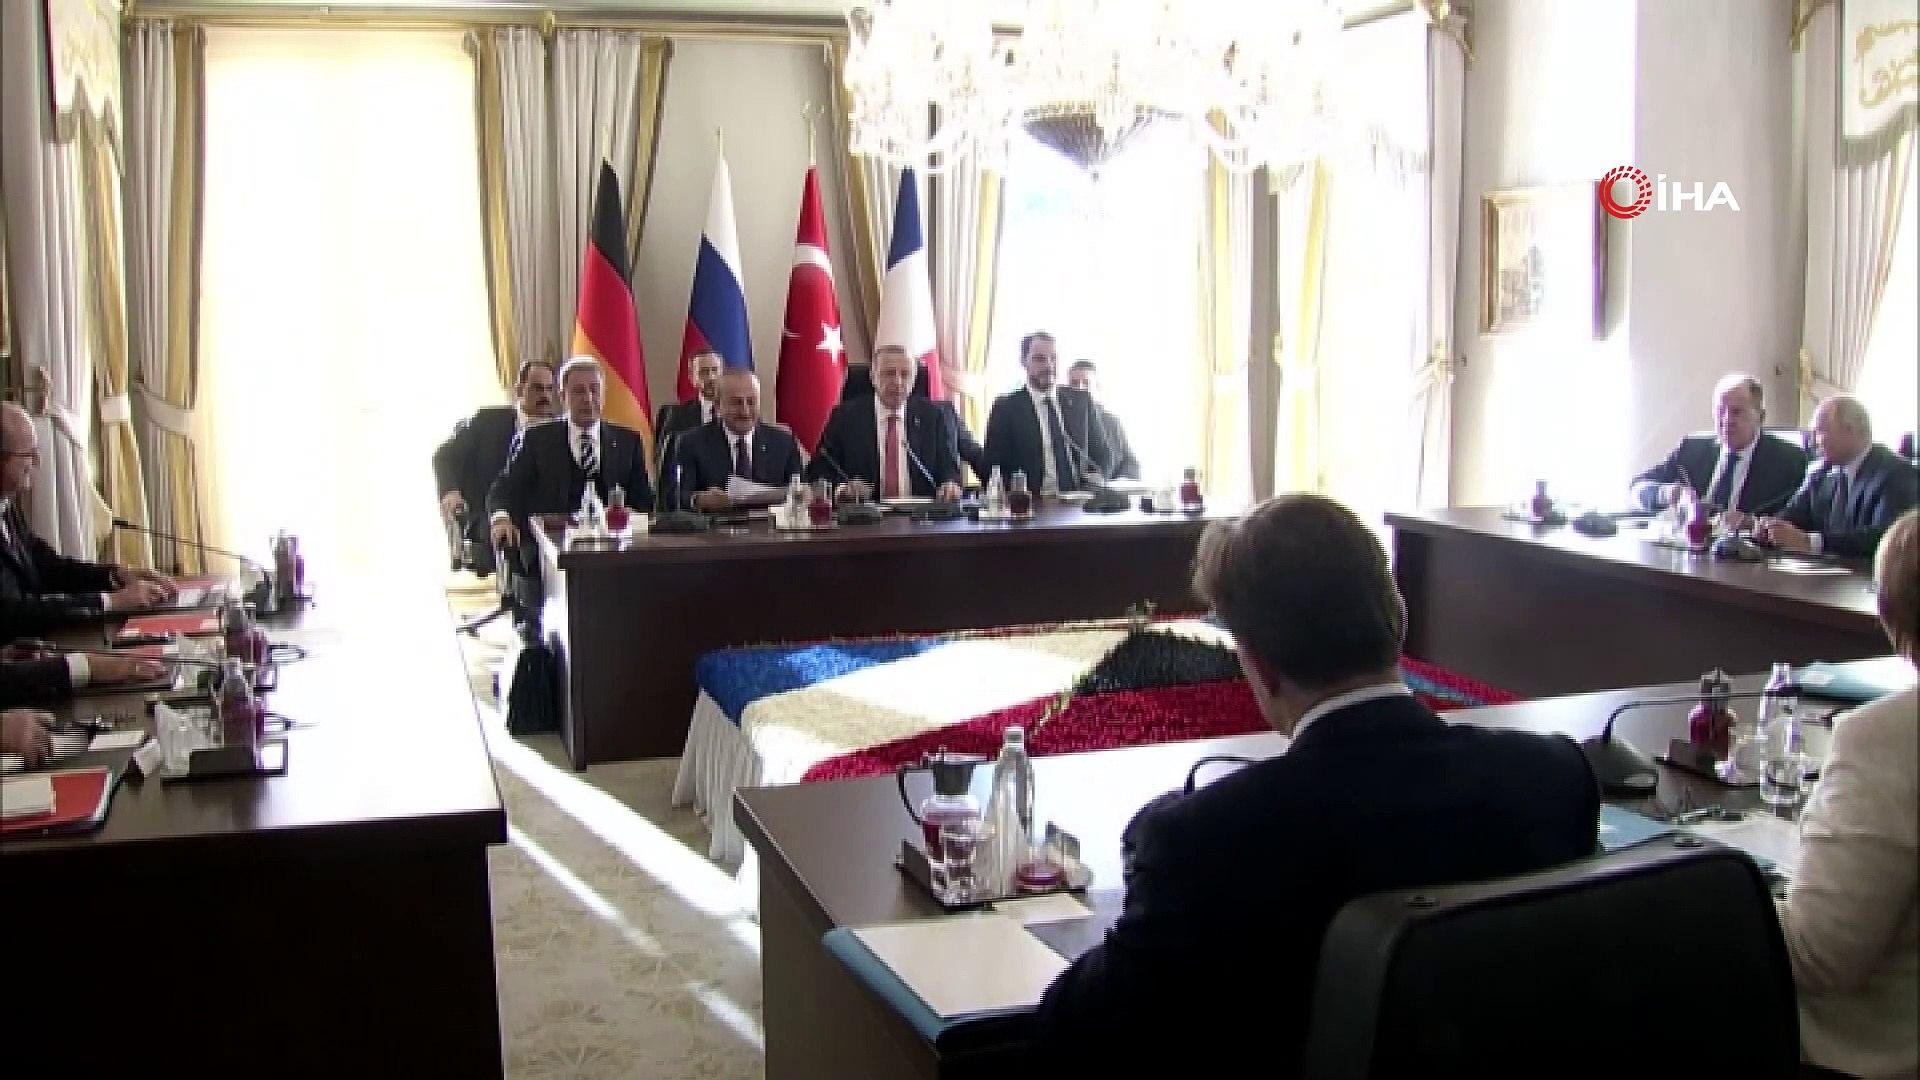 Türkiye'nin ev sahipliğinde Vahdettin Köşkünde Cumhurbaşkanı Recep Tayyip Erdoğan, Rusya Devlet Başk